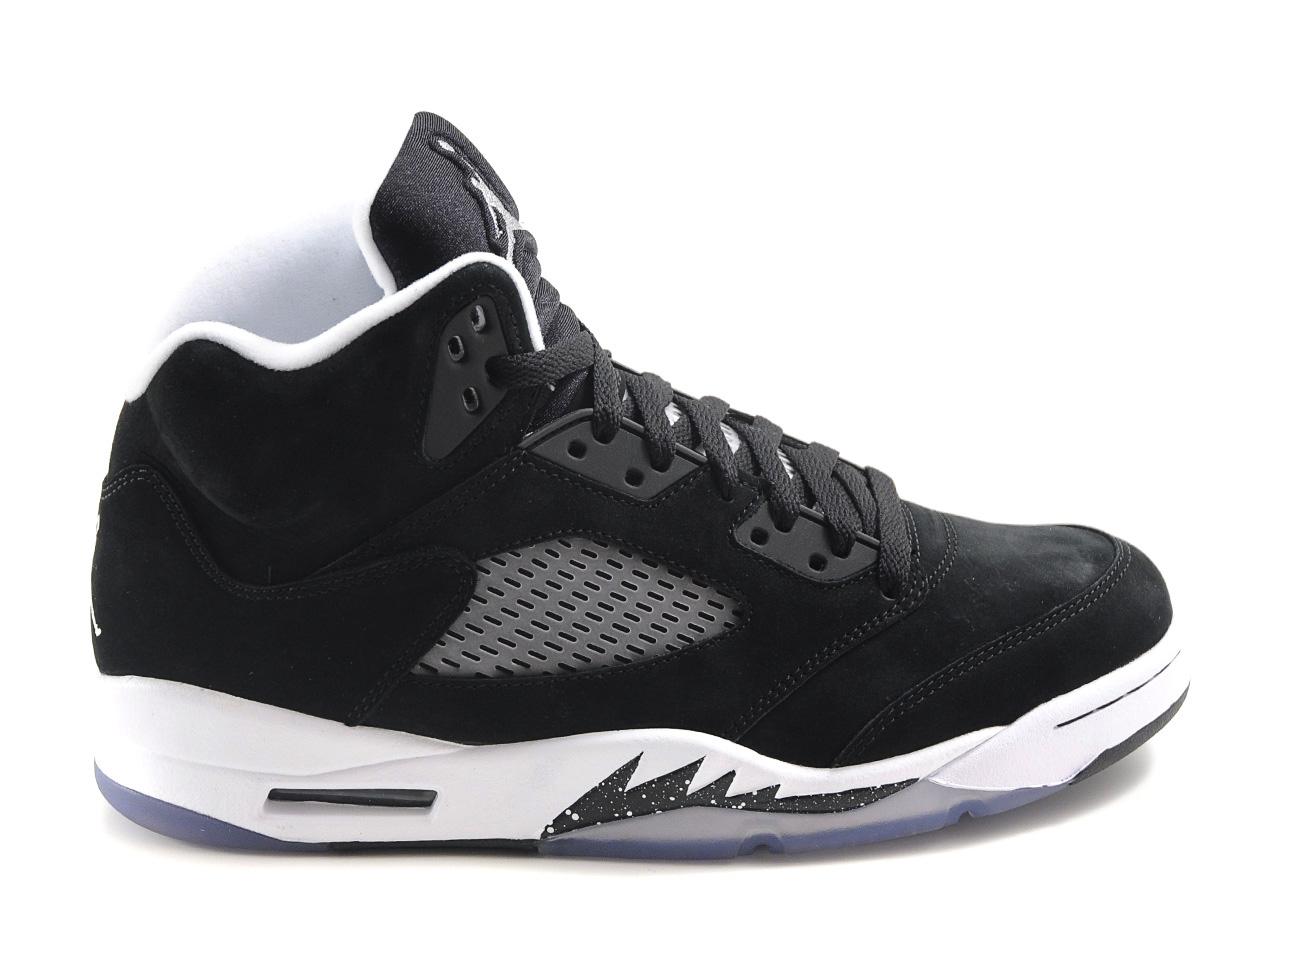 air jordan 5 black and white